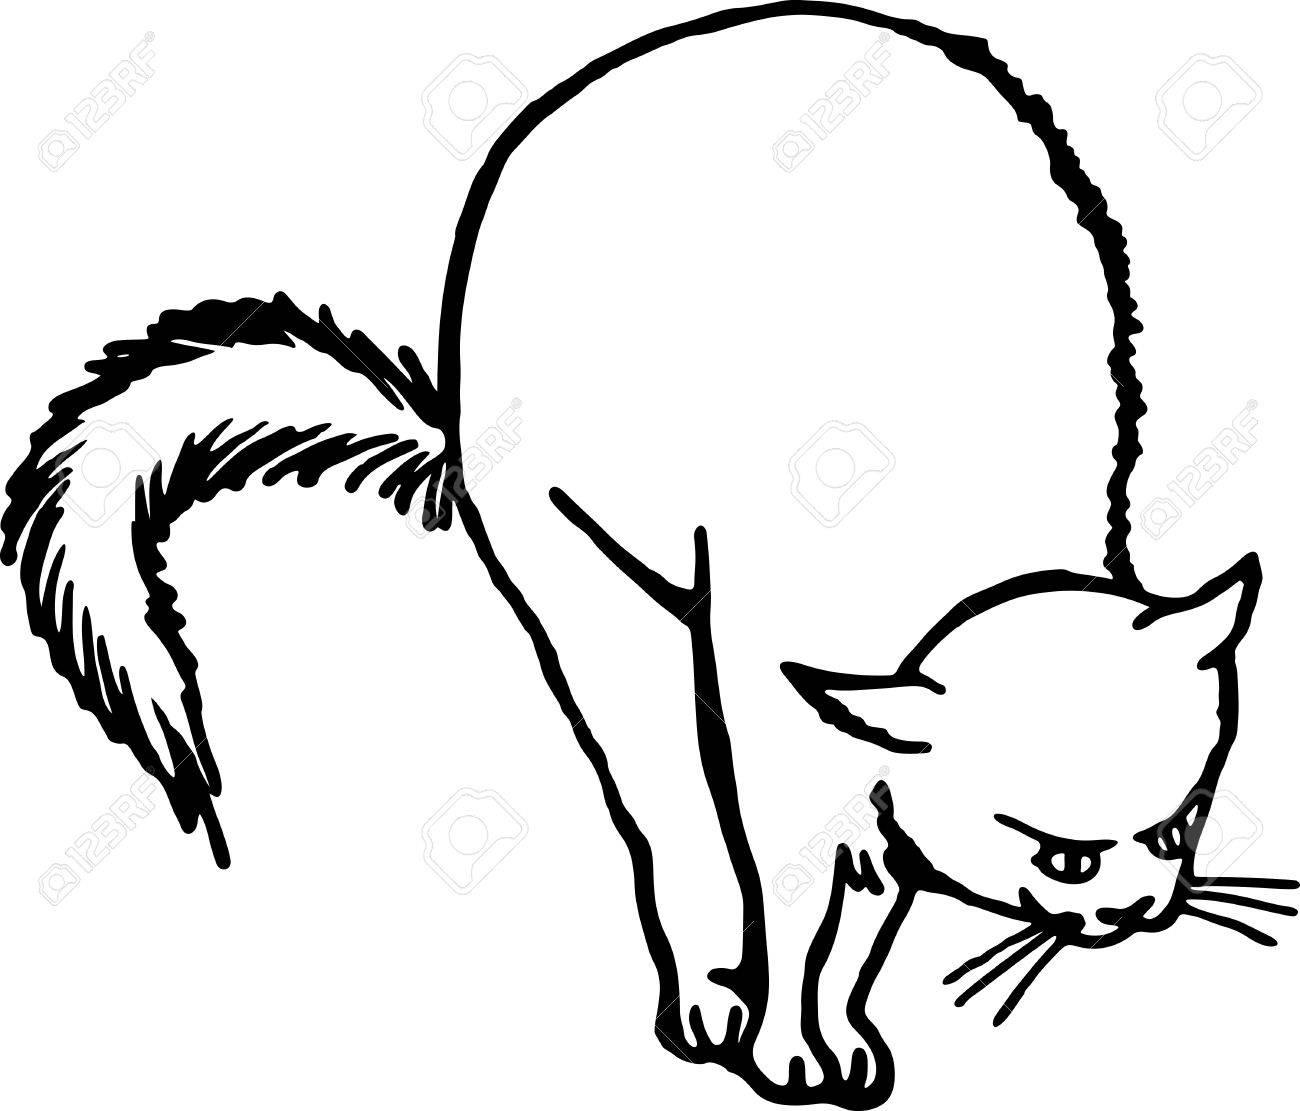 Dessin Au Trait Noir simple dessin au trait noir et blanc d'un chat effrayé. banque d